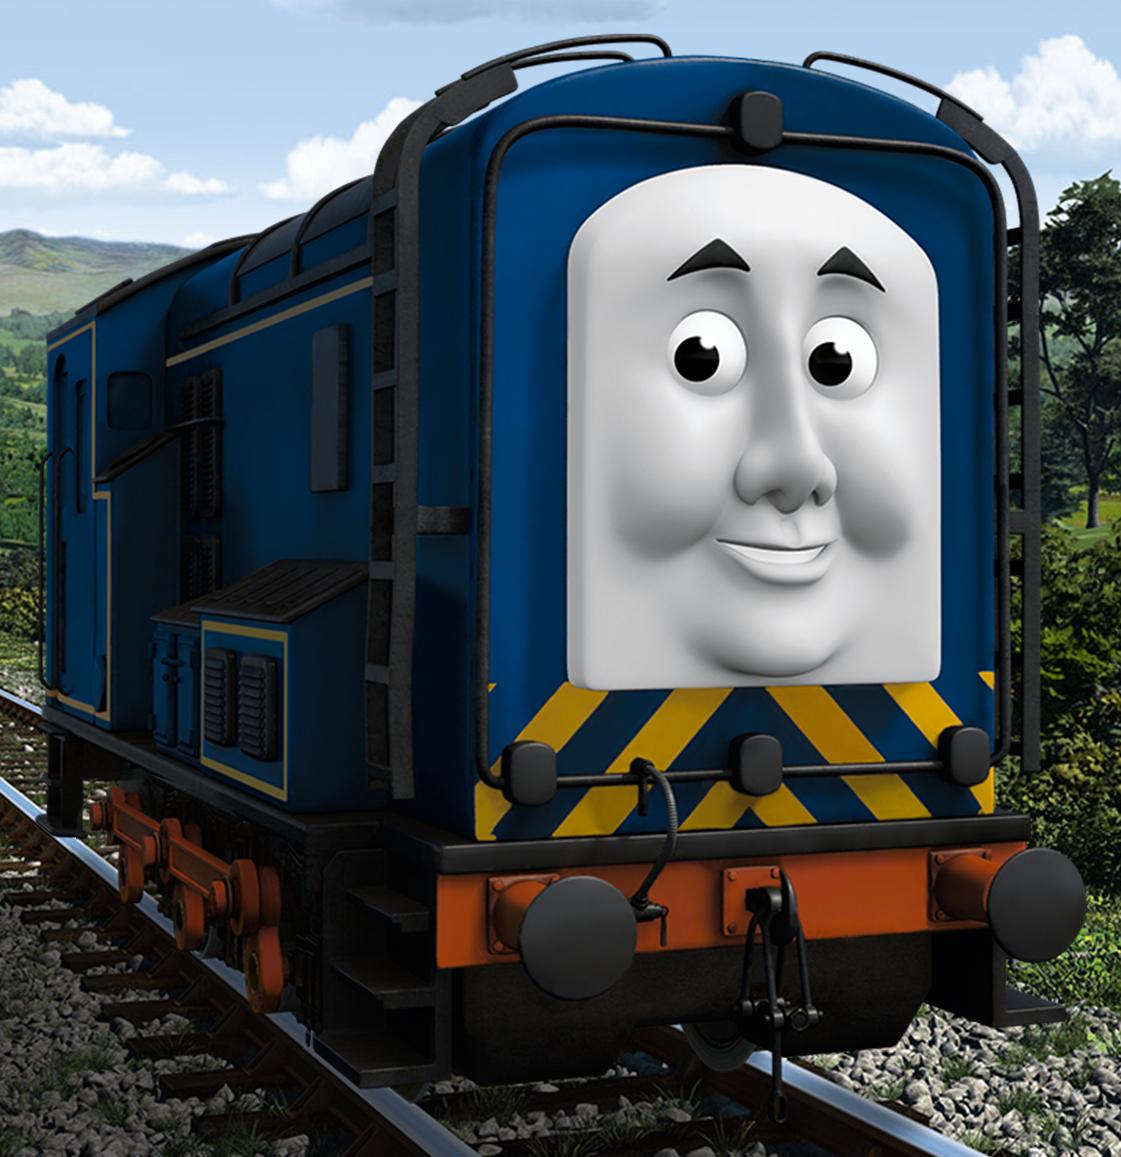 Sidney Thomas The Tank Engine Wikia Fandom Powered By